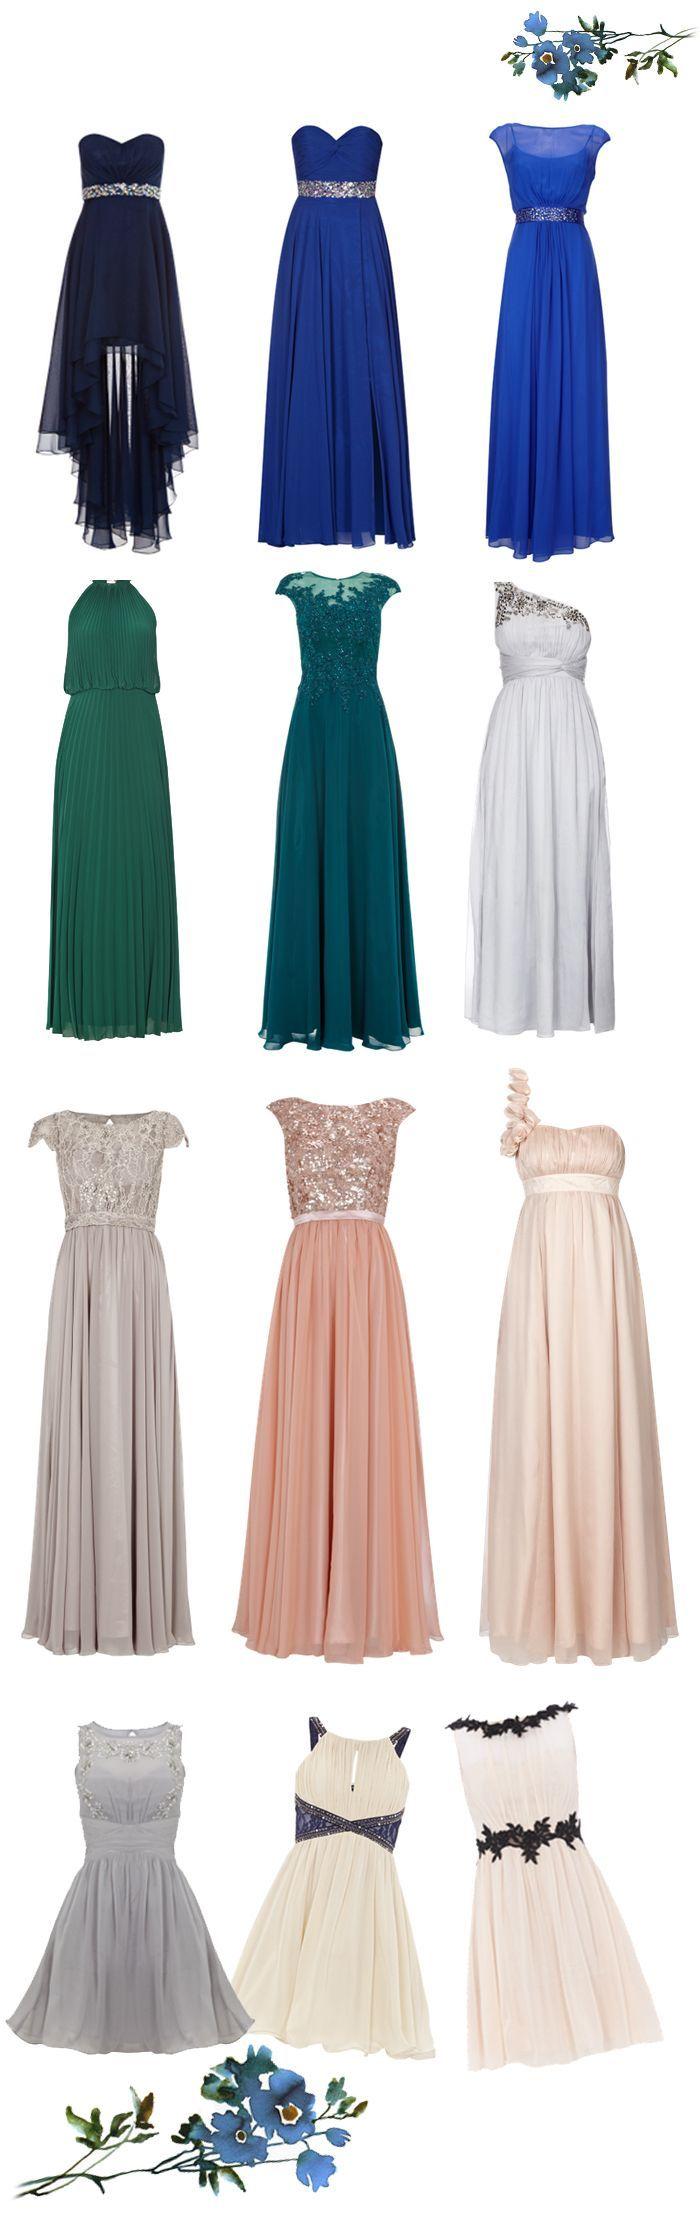 Kleider für Hochzeitsgäste - Frauen Mode | Kleider für ...